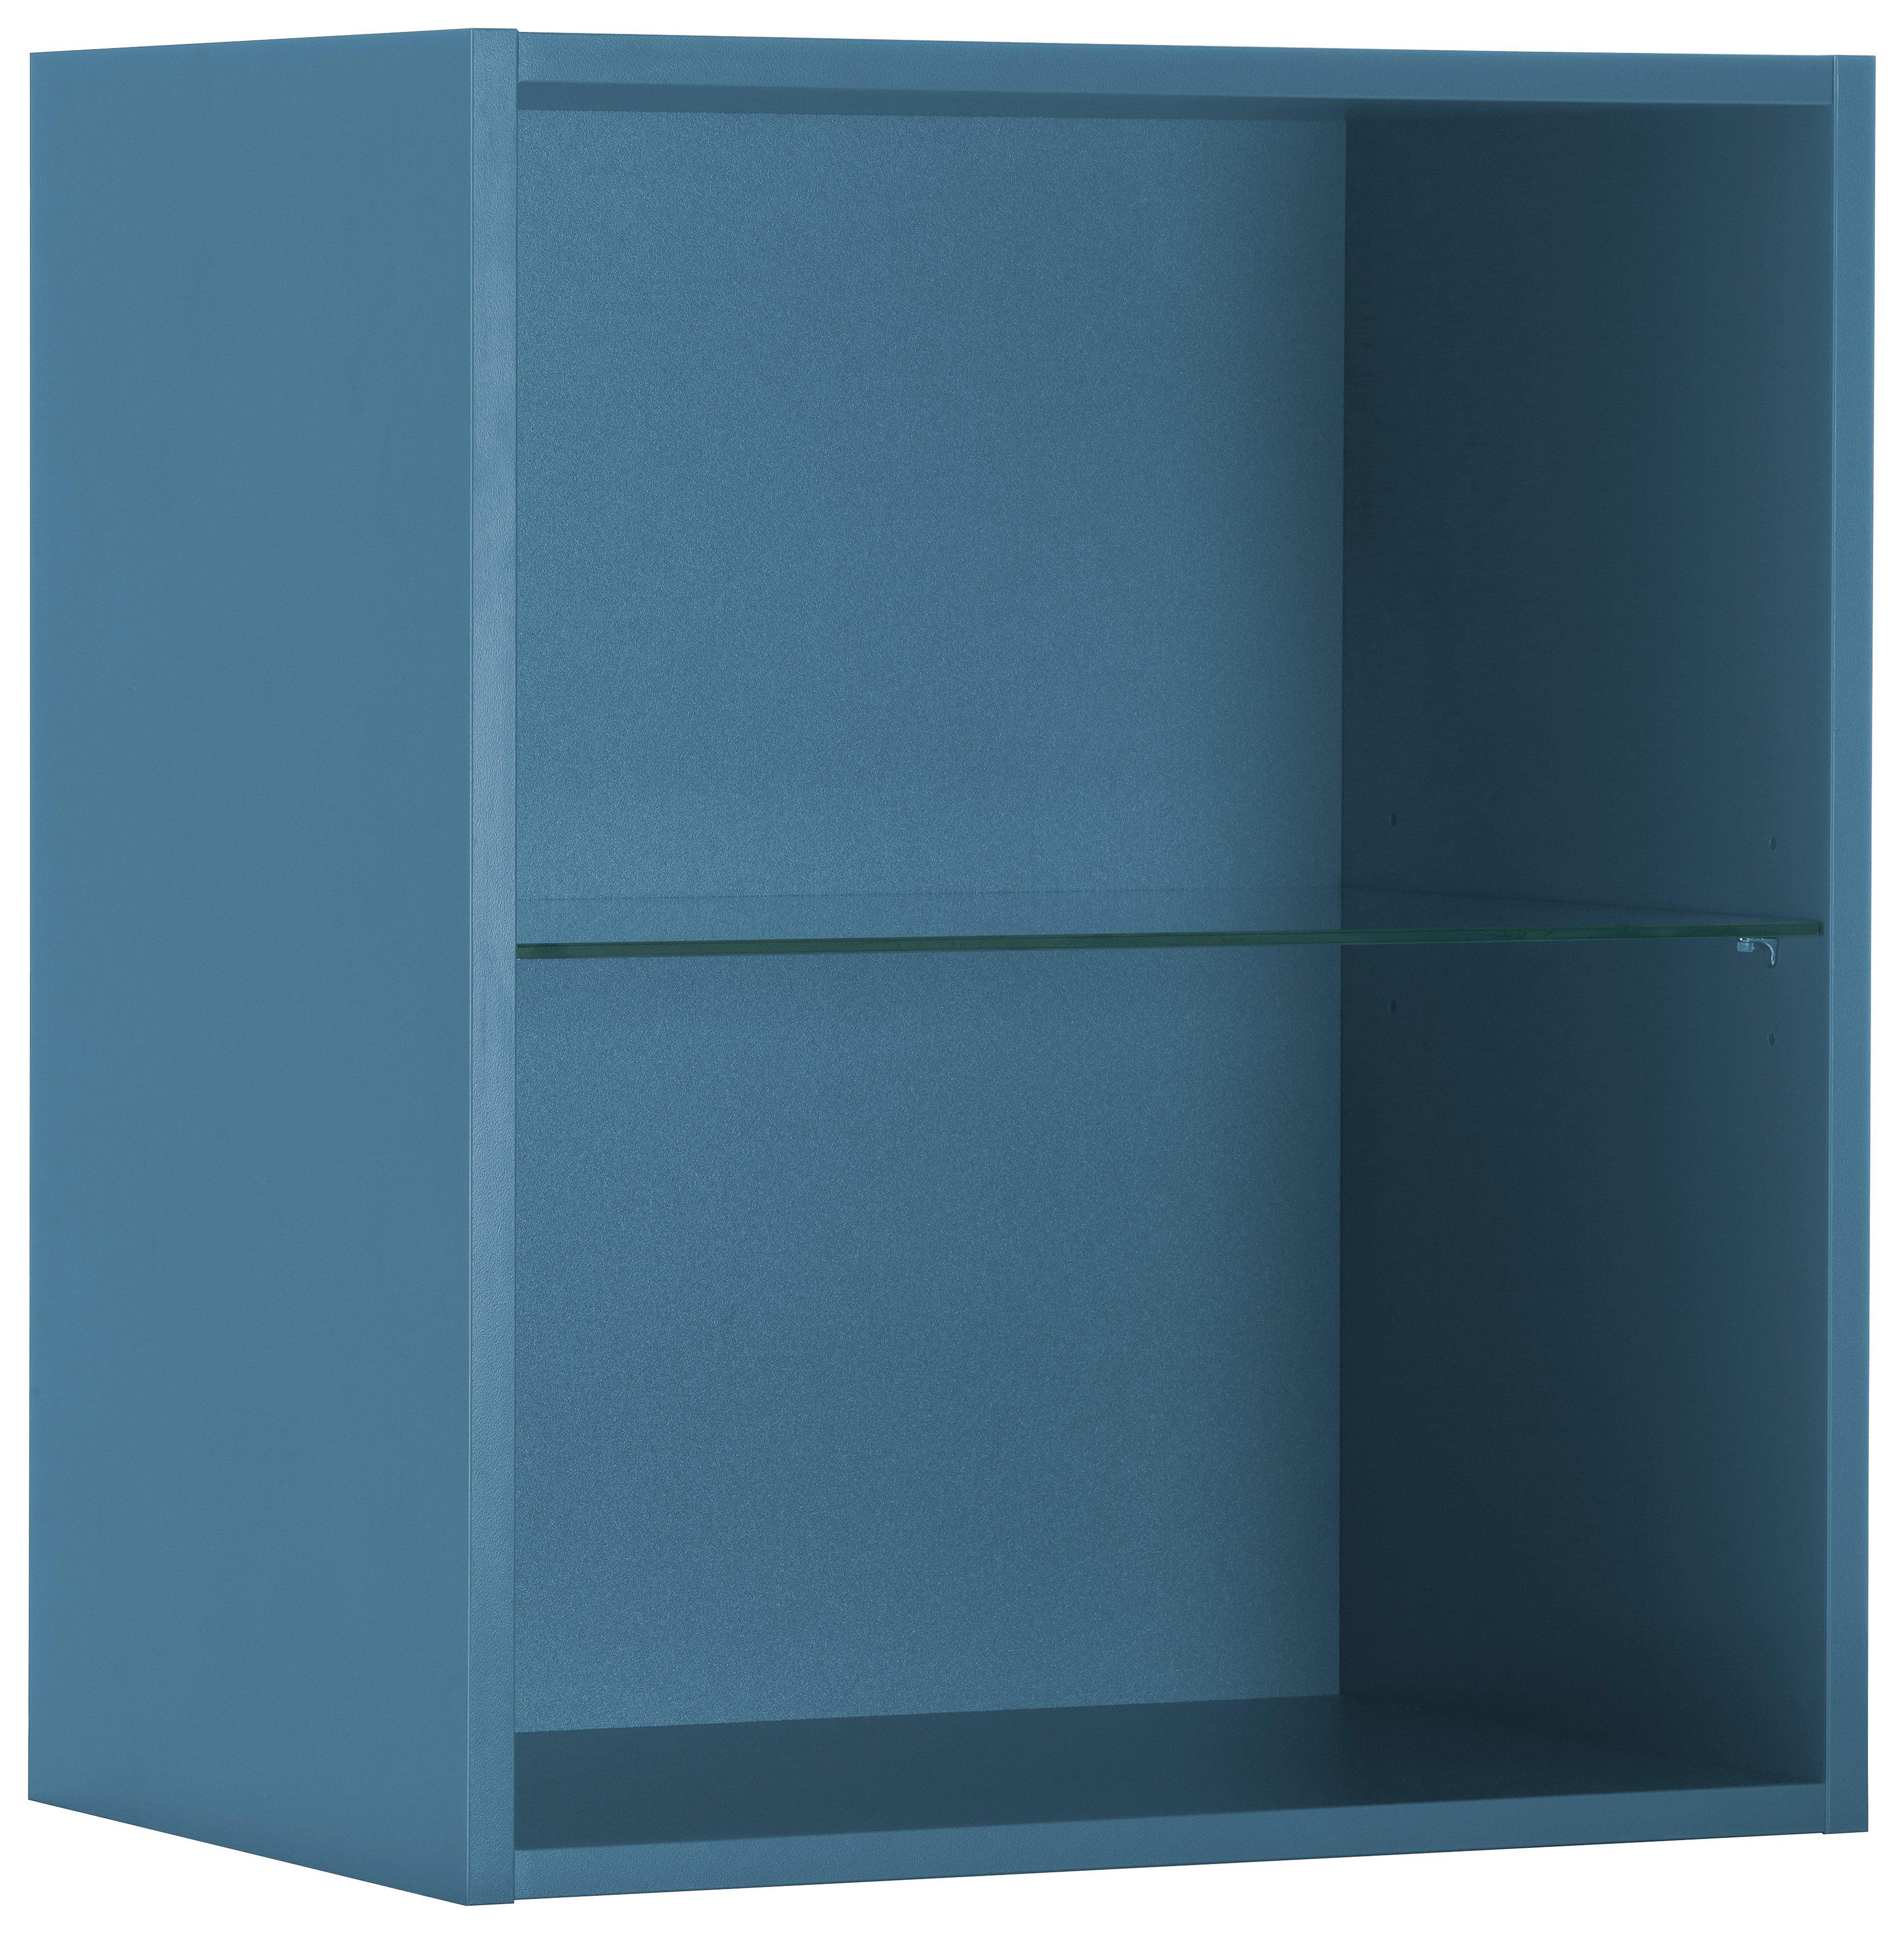 wohnzimmer regale online kaufen m bel suchmaschine seite 14. Black Bedroom Furniture Sets. Home Design Ideas